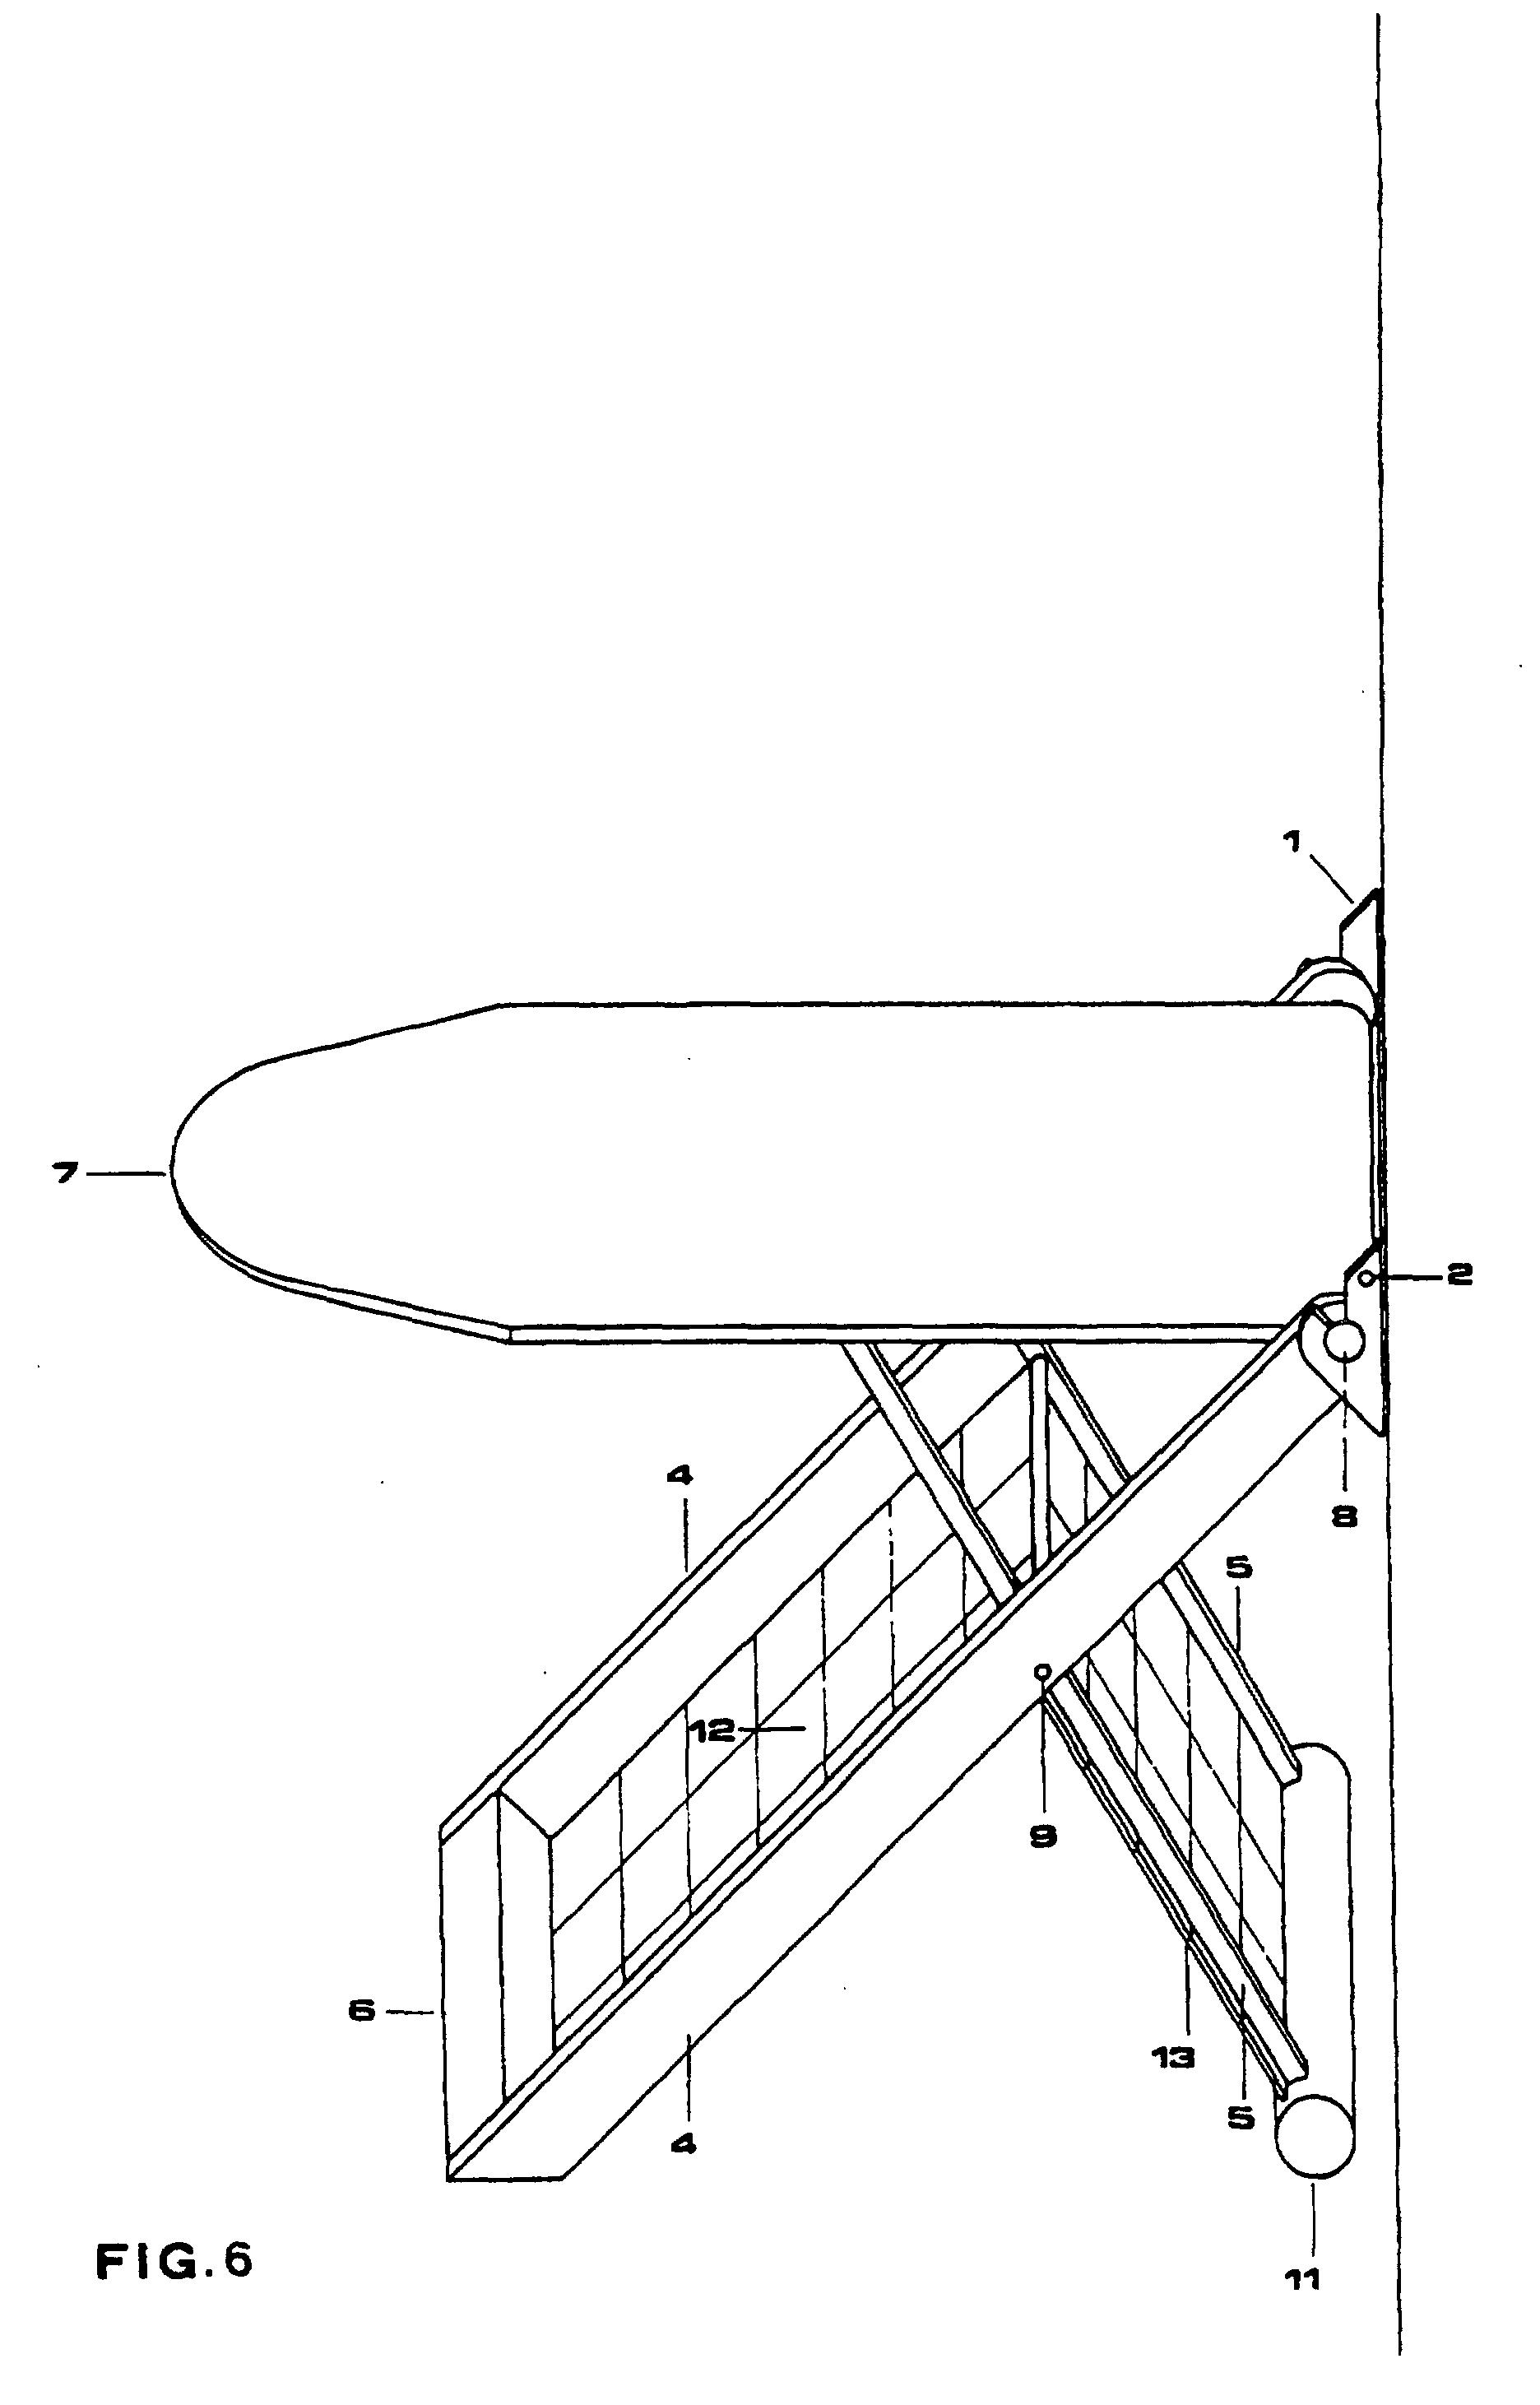 patente ep0907784b1 platzsparendes zusammenfaltbares an. Black Bedroom Furniture Sets. Home Design Ideas